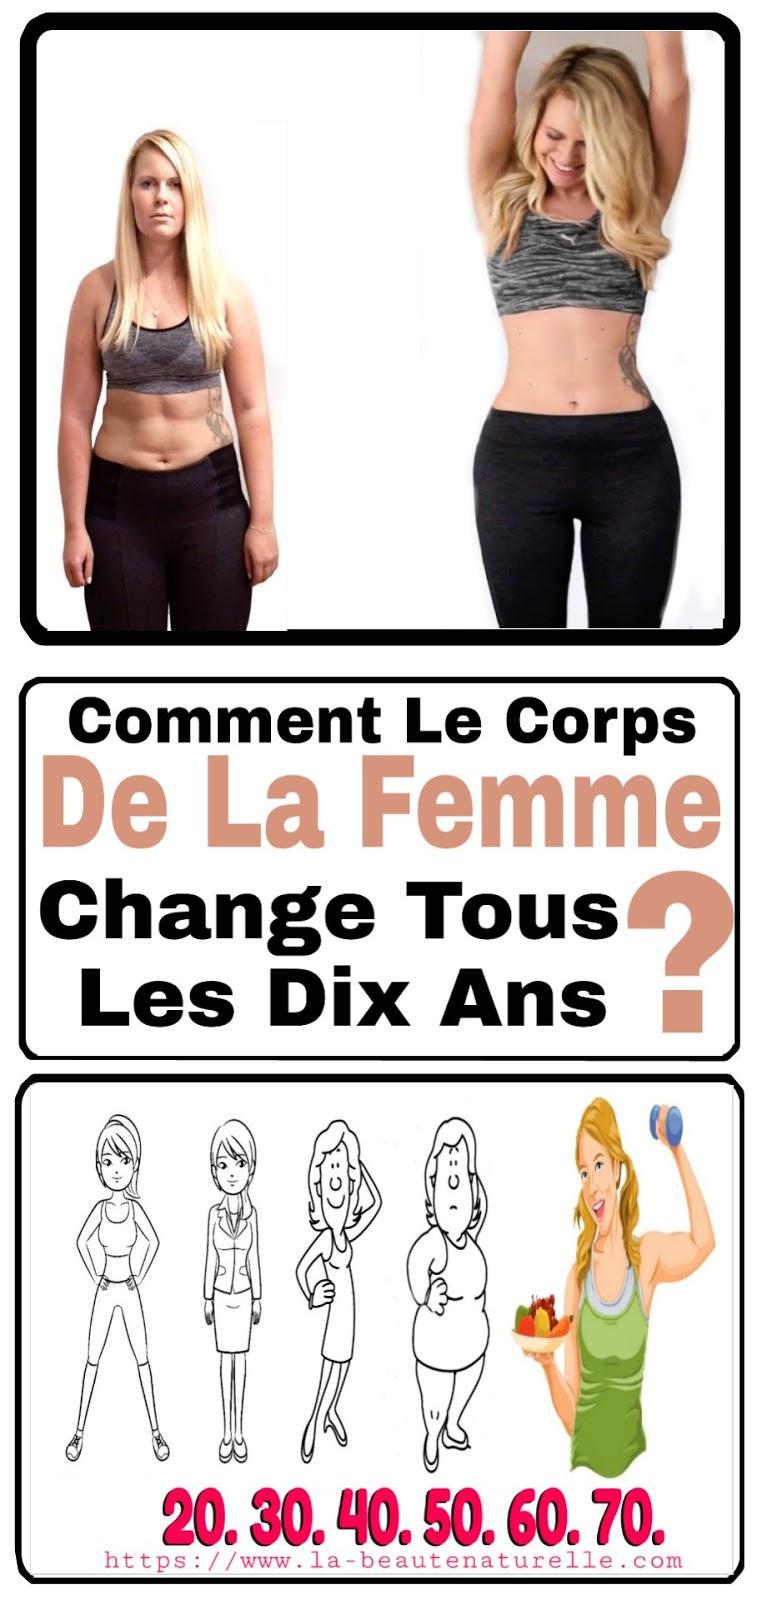 Comment Le Corps De La Femme Change Tous Les Dix Ans ?